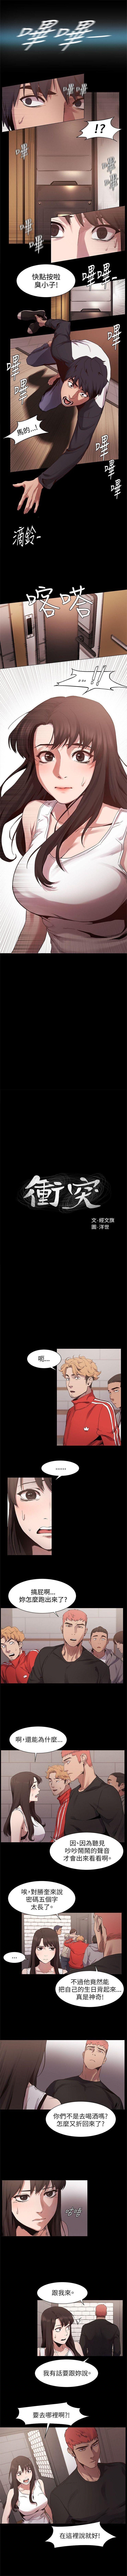 (週5)衝突 1-94 中文翻譯 (更新中) 33